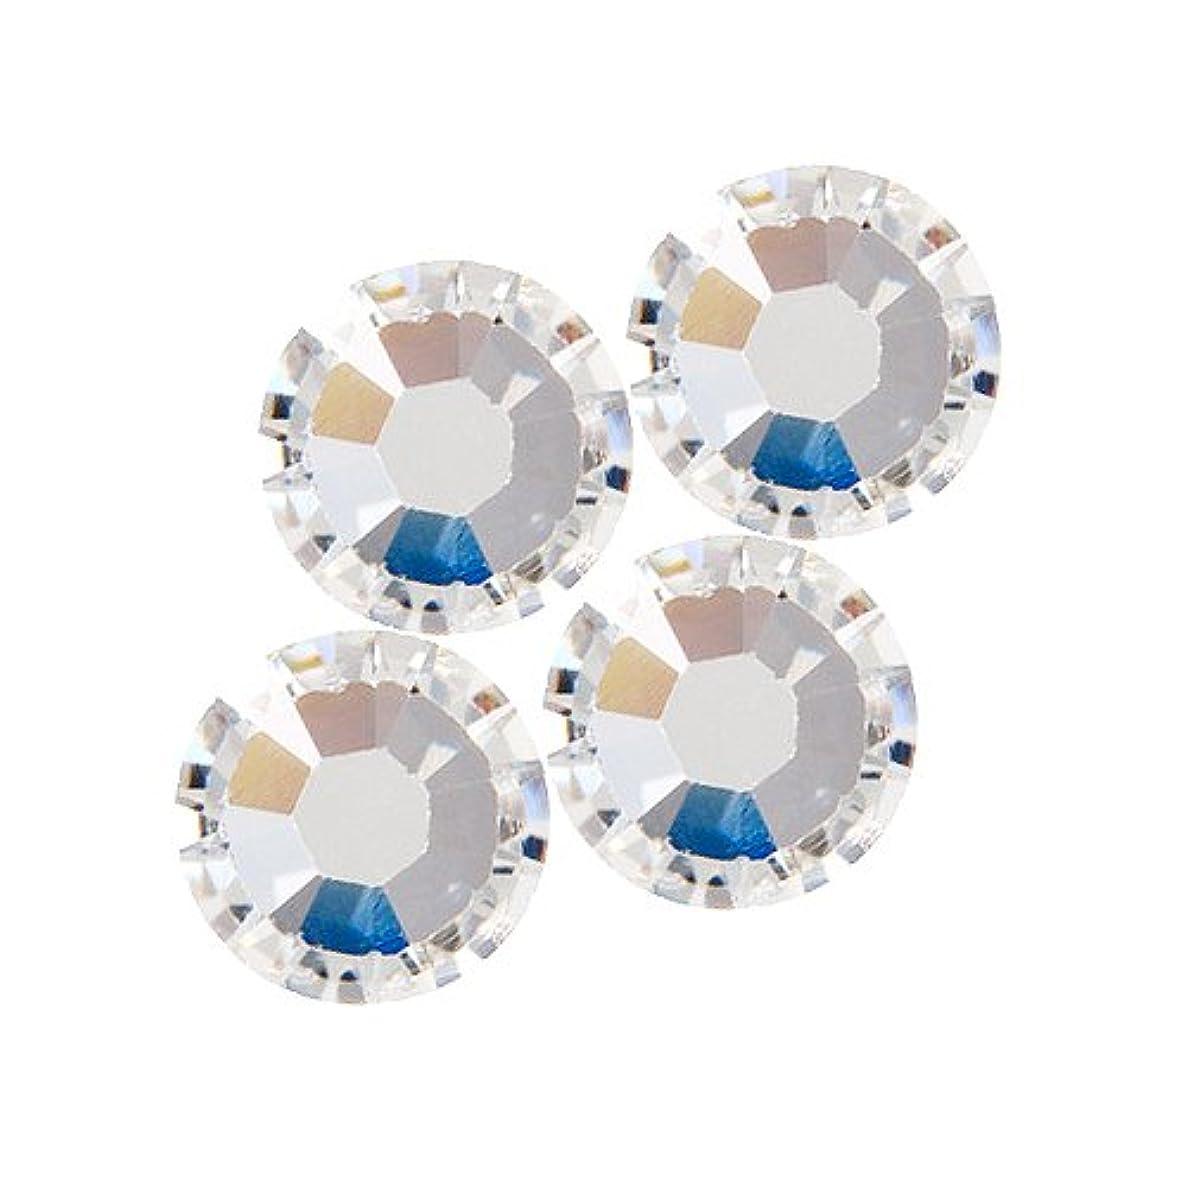 運河貧しいフェリーバイナル DIAMOND RHINESTONE  クリスタル SS10 1440粒 ST-SS10-CRY-10G